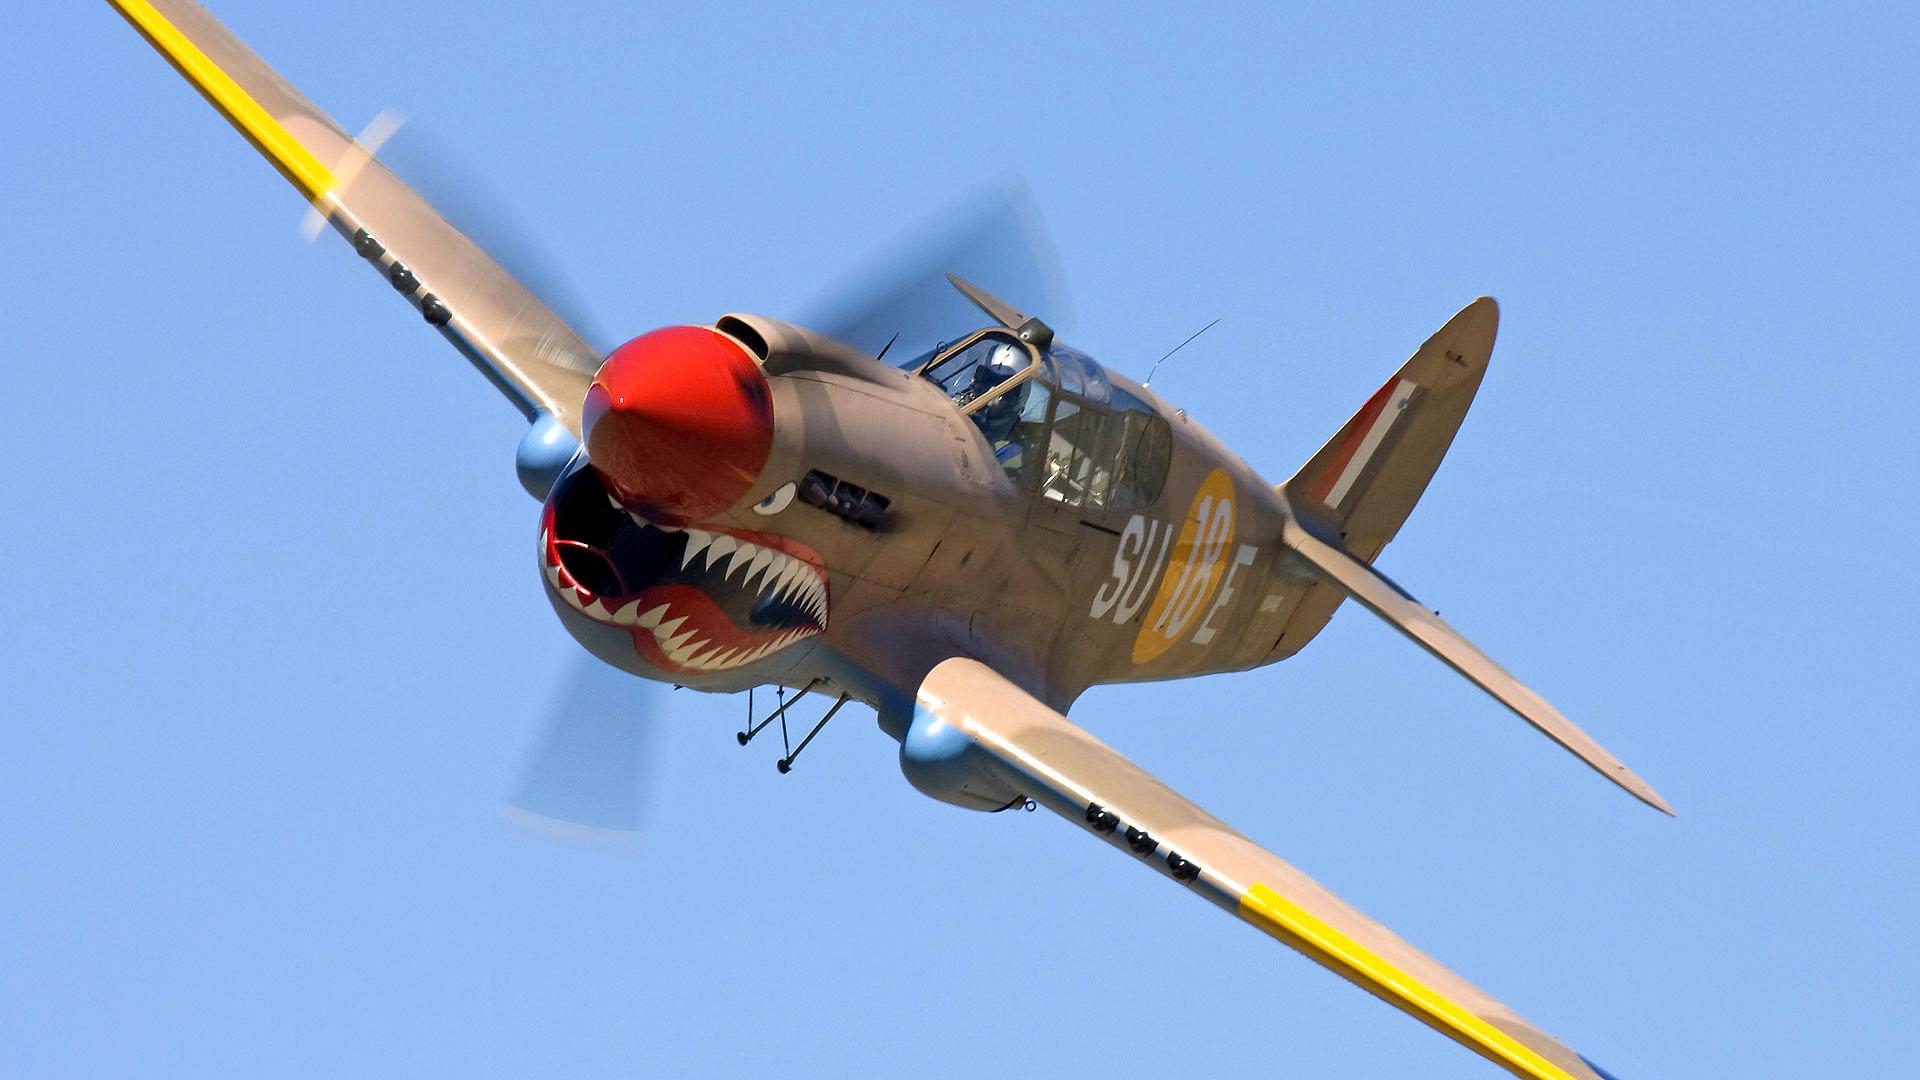 Militär - Curtiss P-40 Warhawk  - P-40 Hintergrundbild